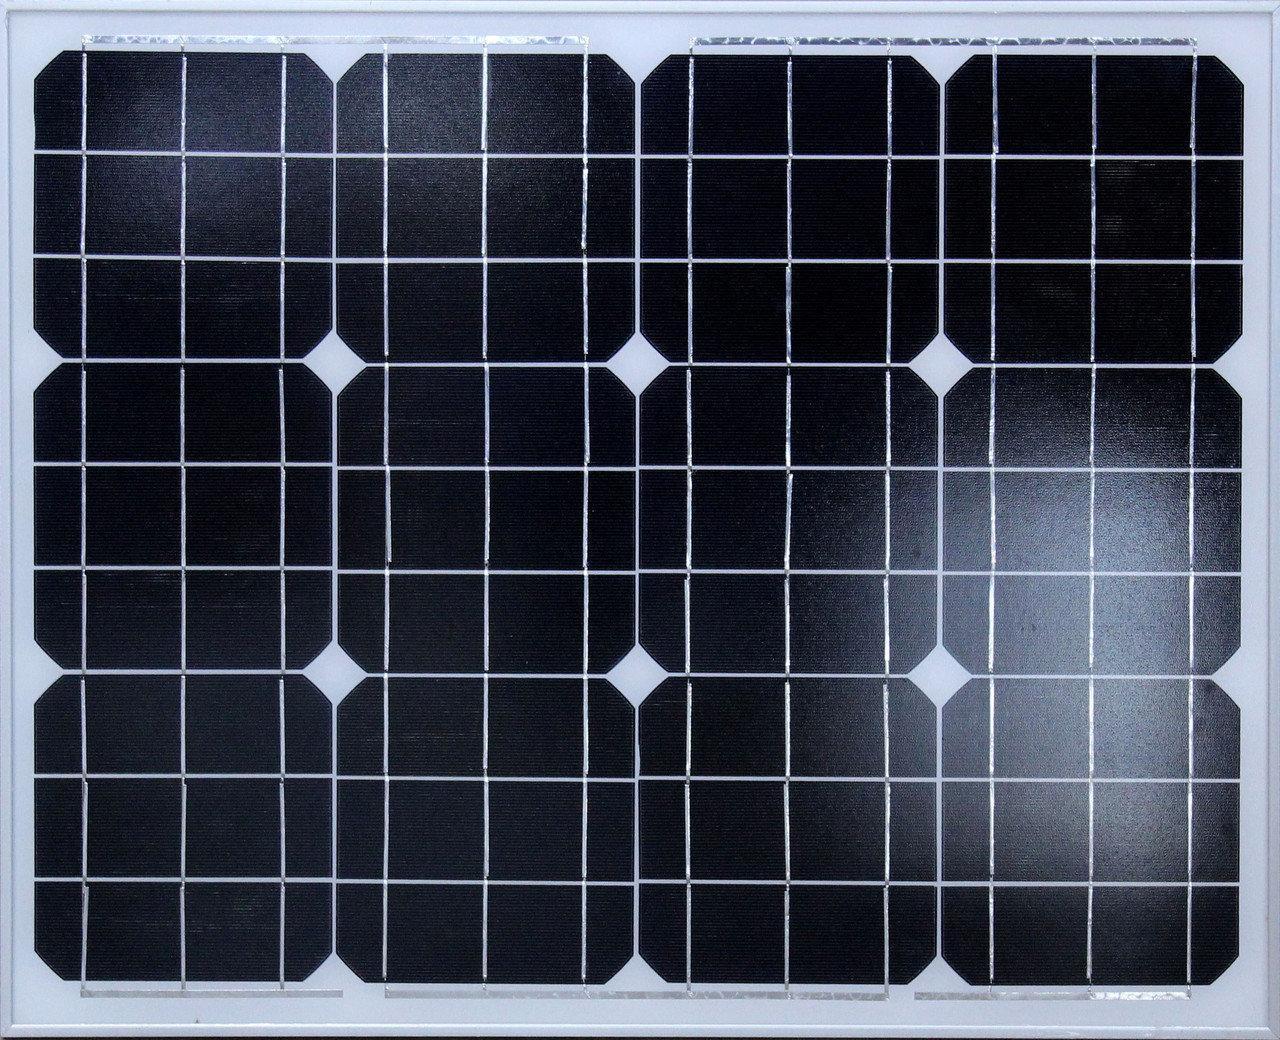 Solar board 50W 18V, Мини электростанция на солнечных батареях. Солнечная панель, Солнечная батарея